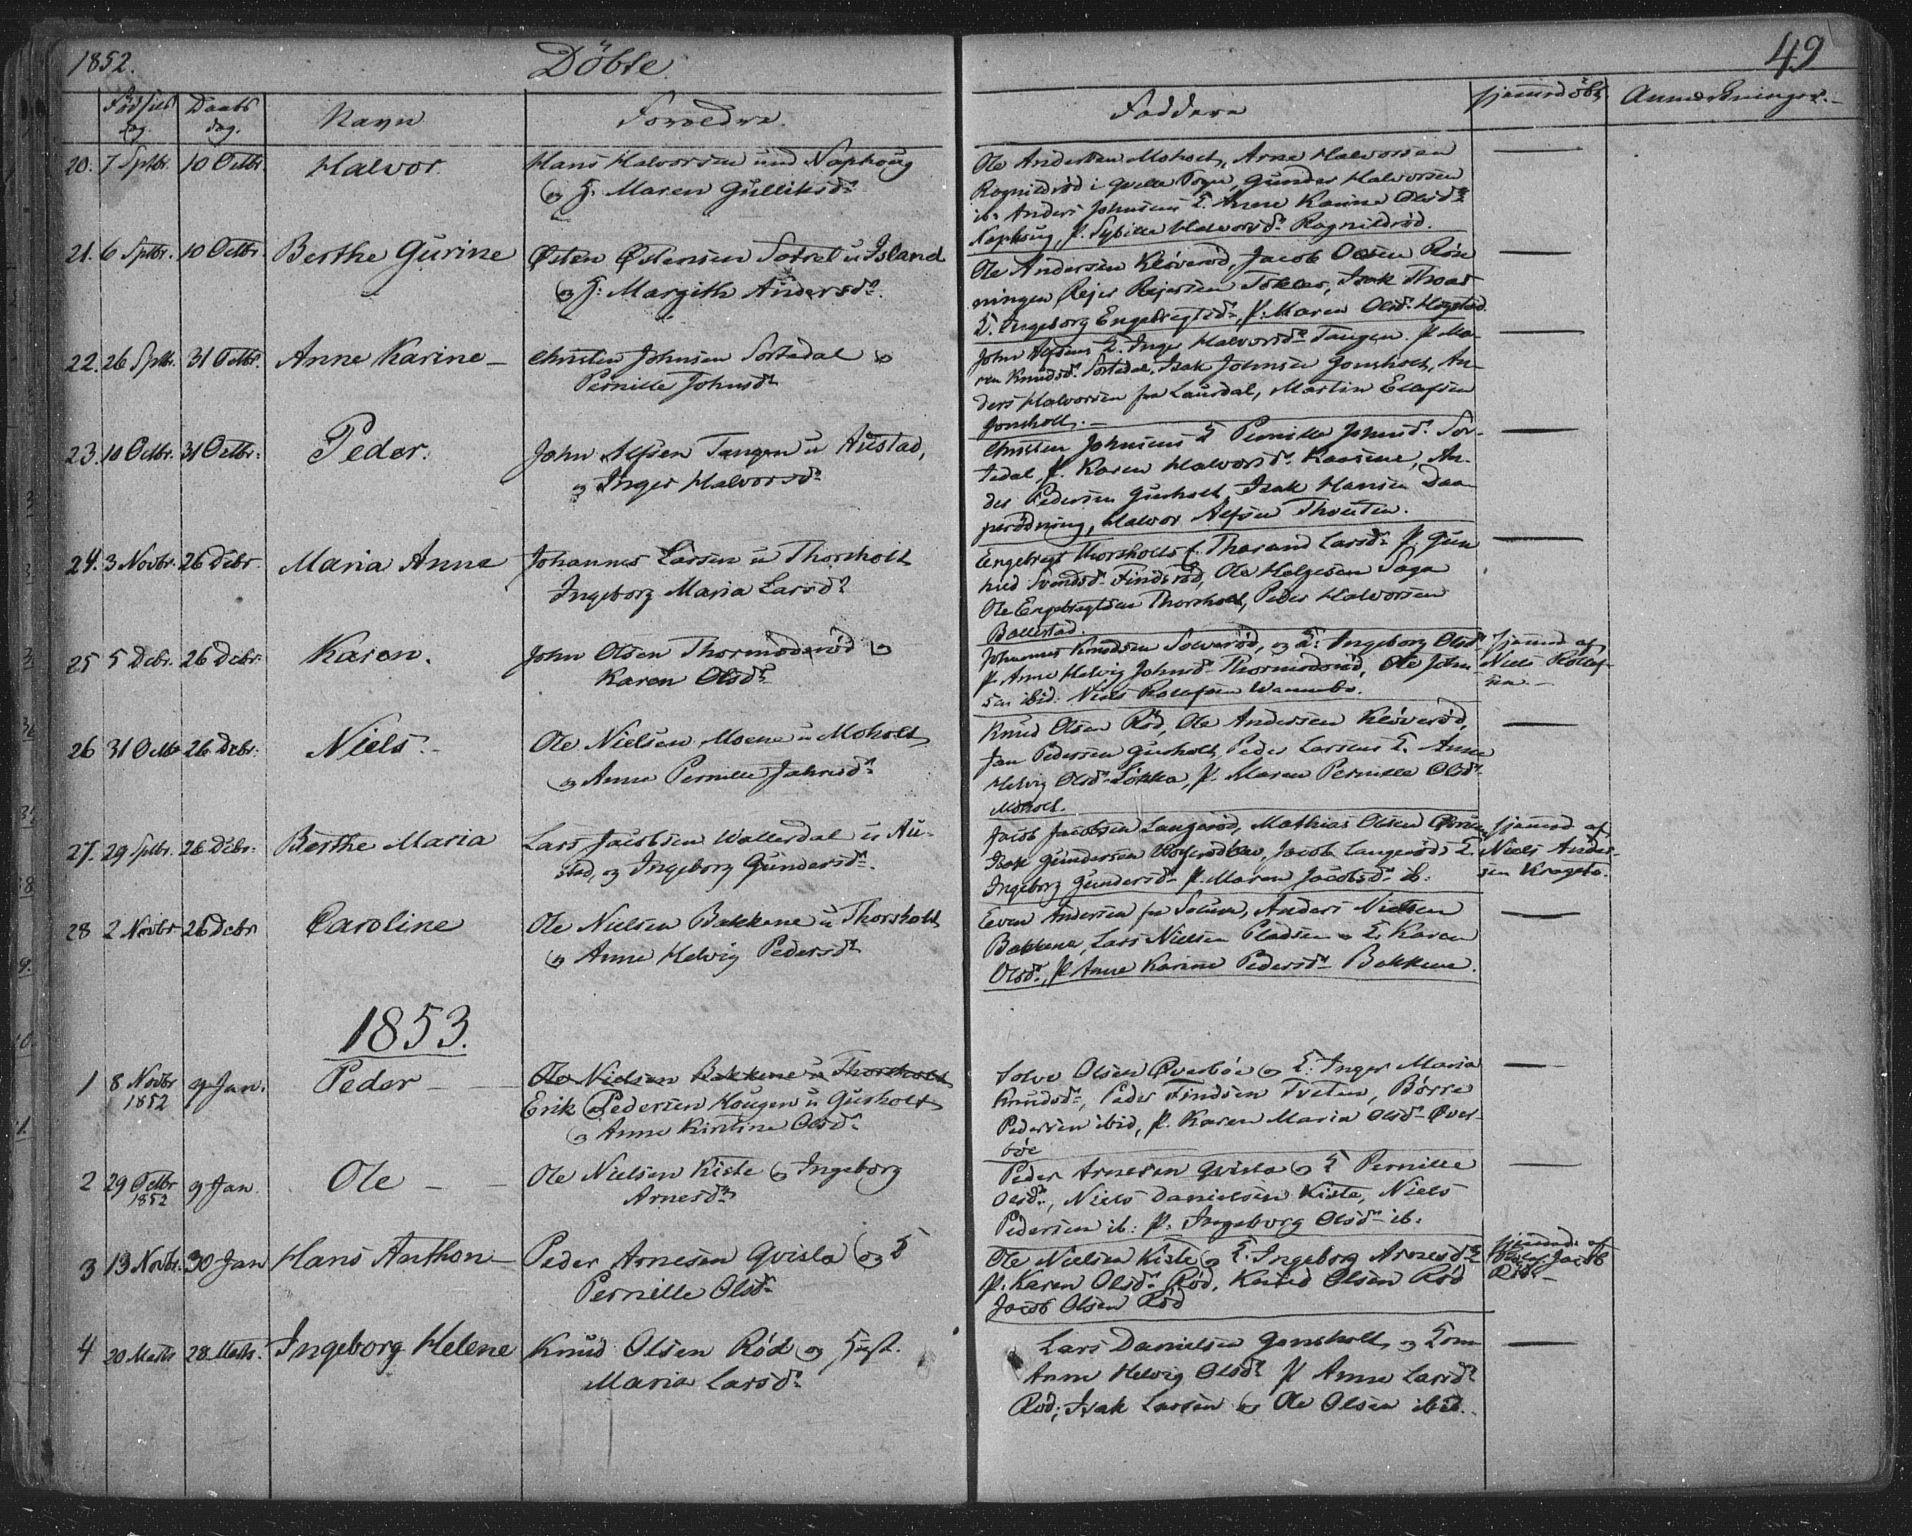 SAKO, Siljan kirkebøker, F/Fa/L0001: Ministerialbok nr. 1, 1831-1870, s. 49